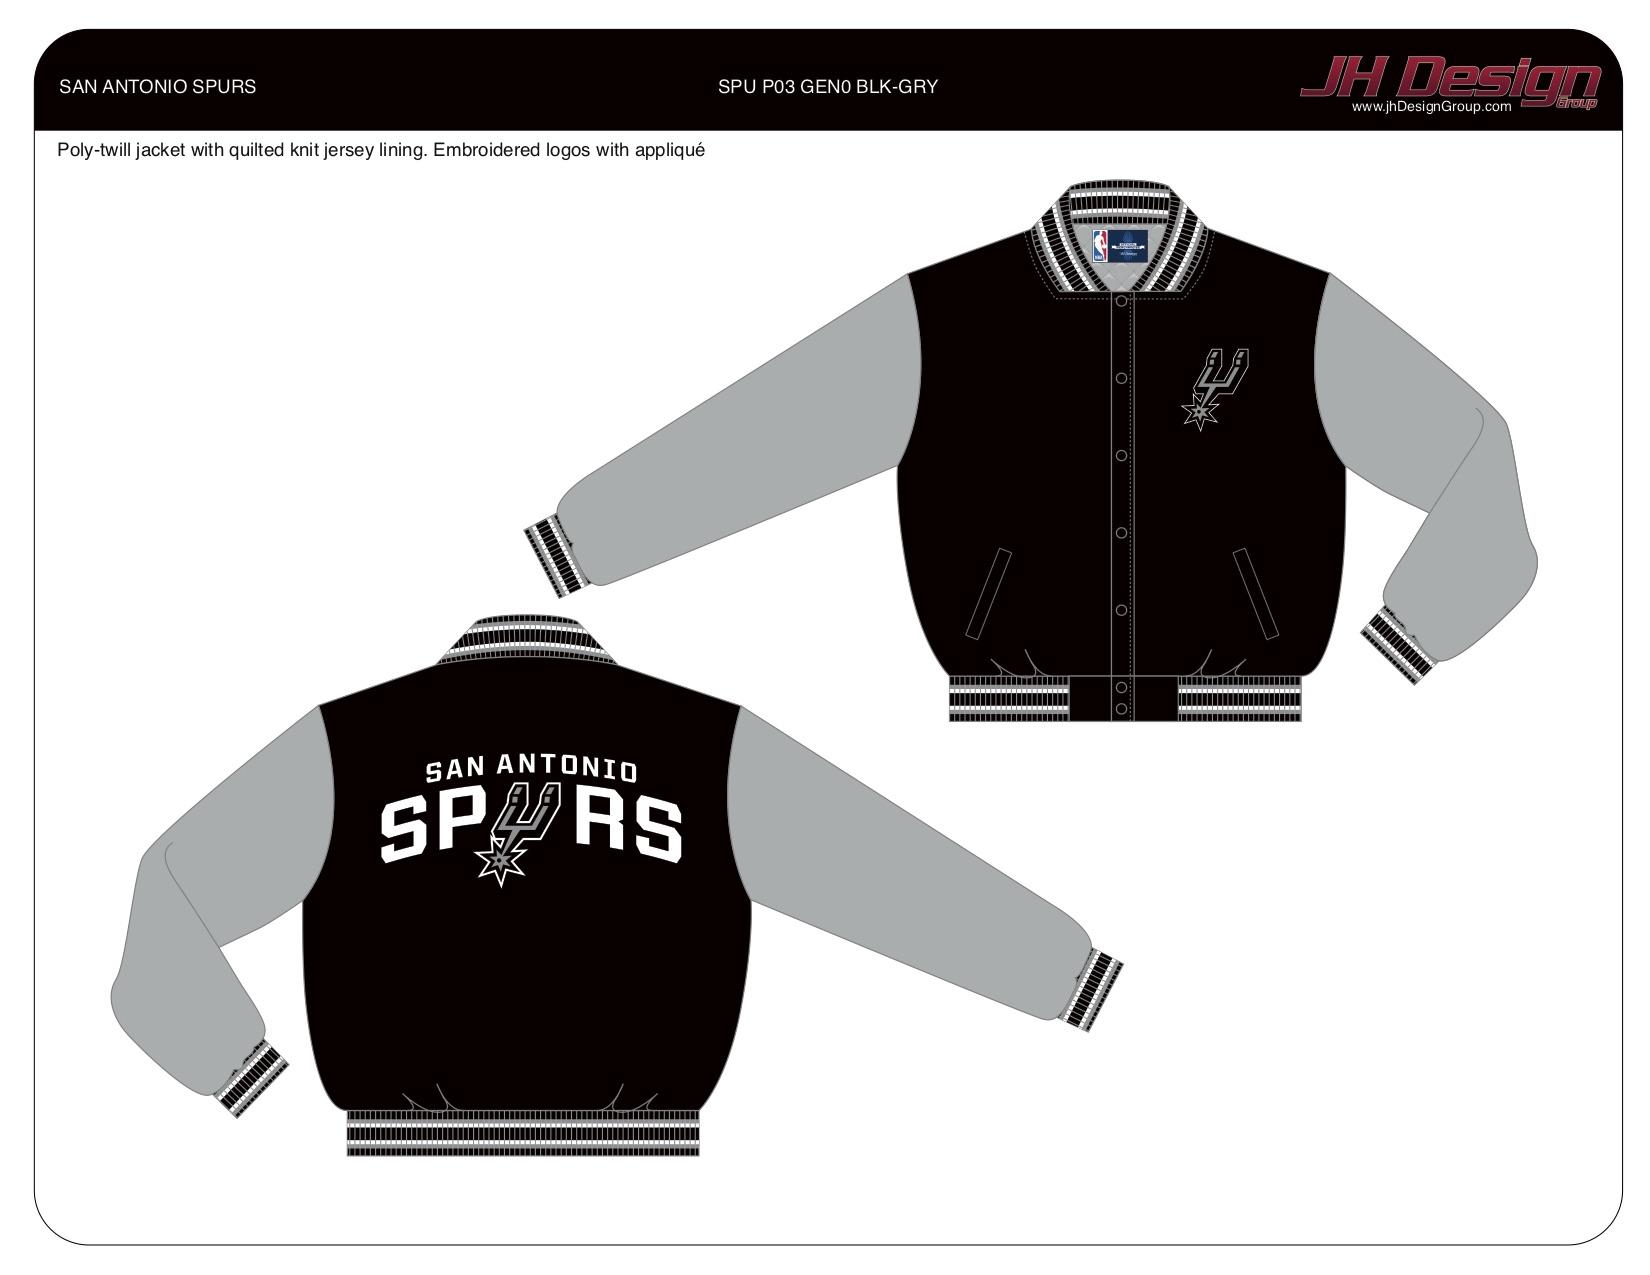 SPU P03 GEN0 BLK-GRY